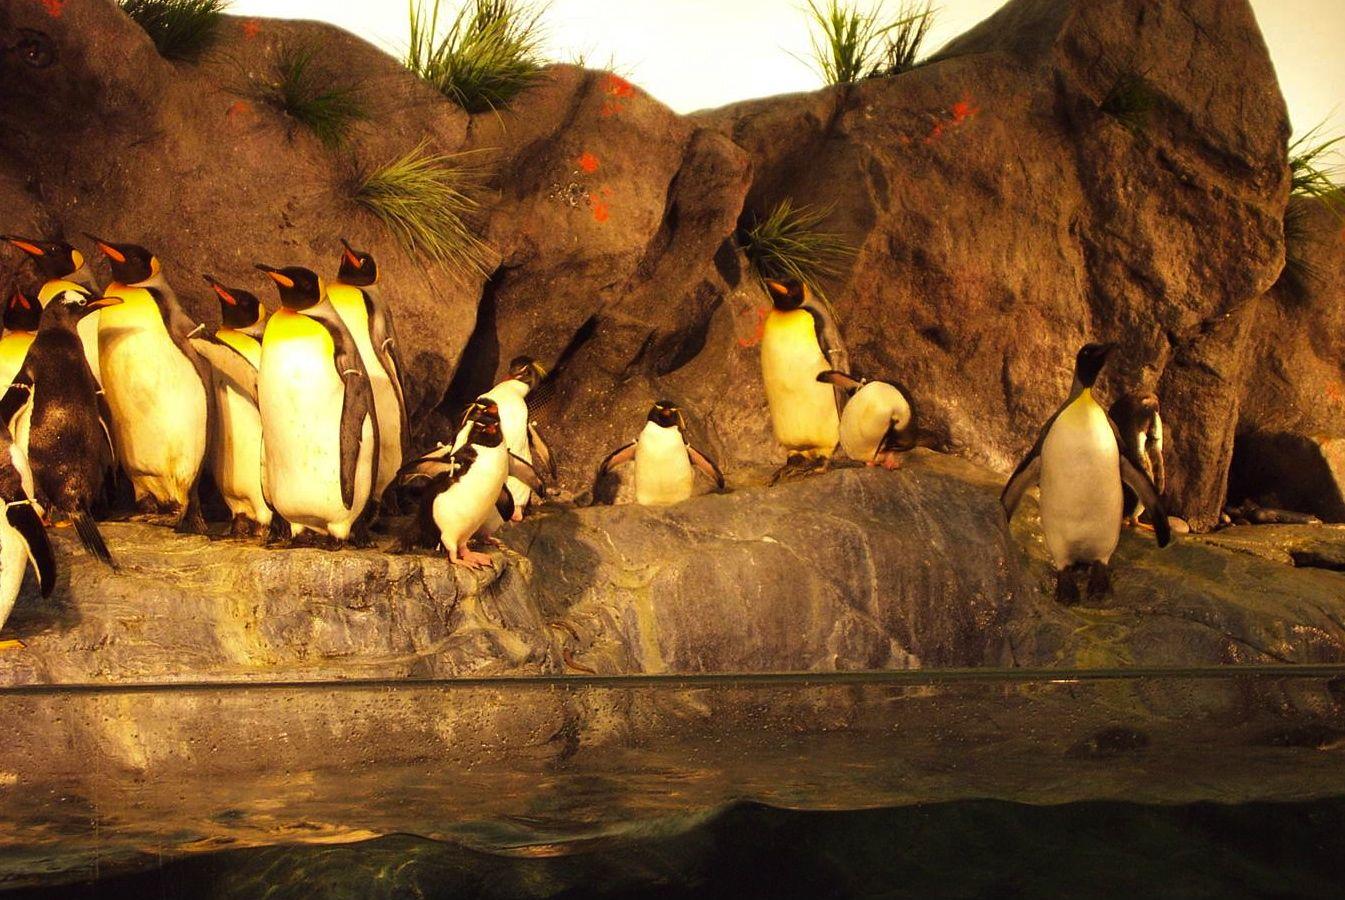 Zoo penquin.jpg